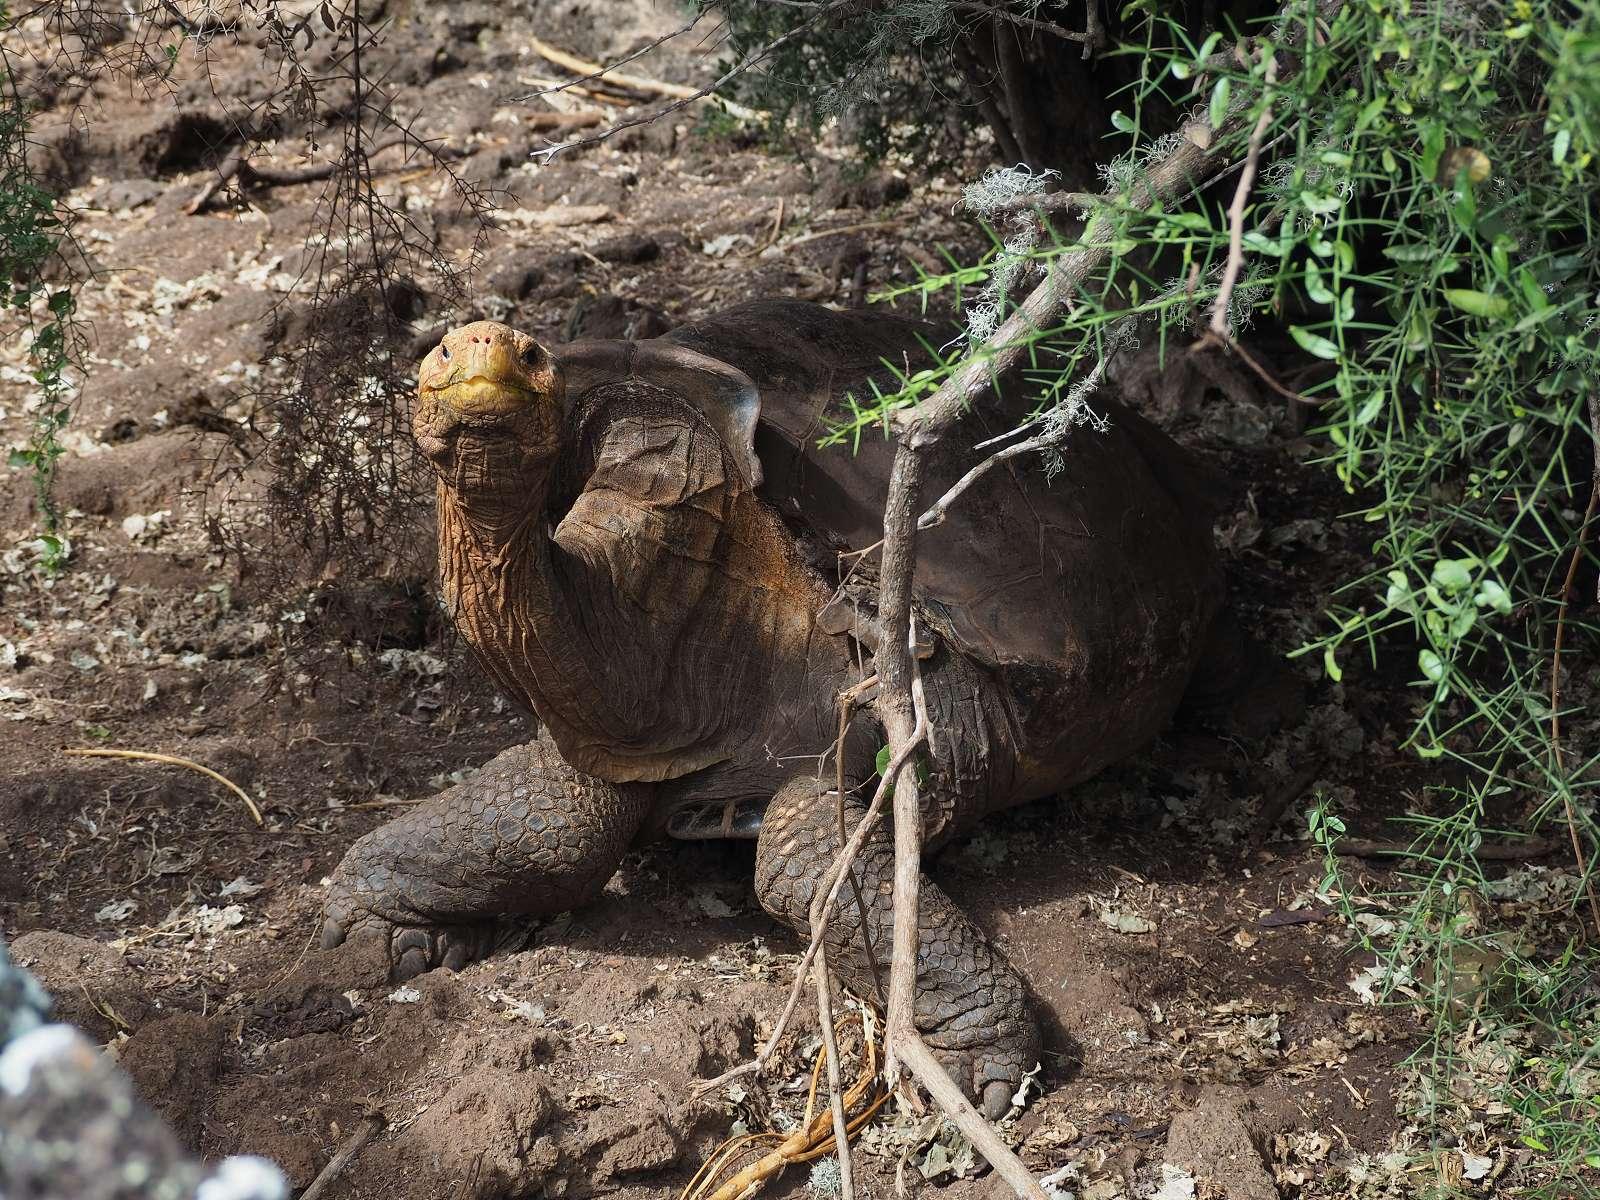 Diego, la tortue géante de l'île Española © Kaldari, Wikimedia Commons